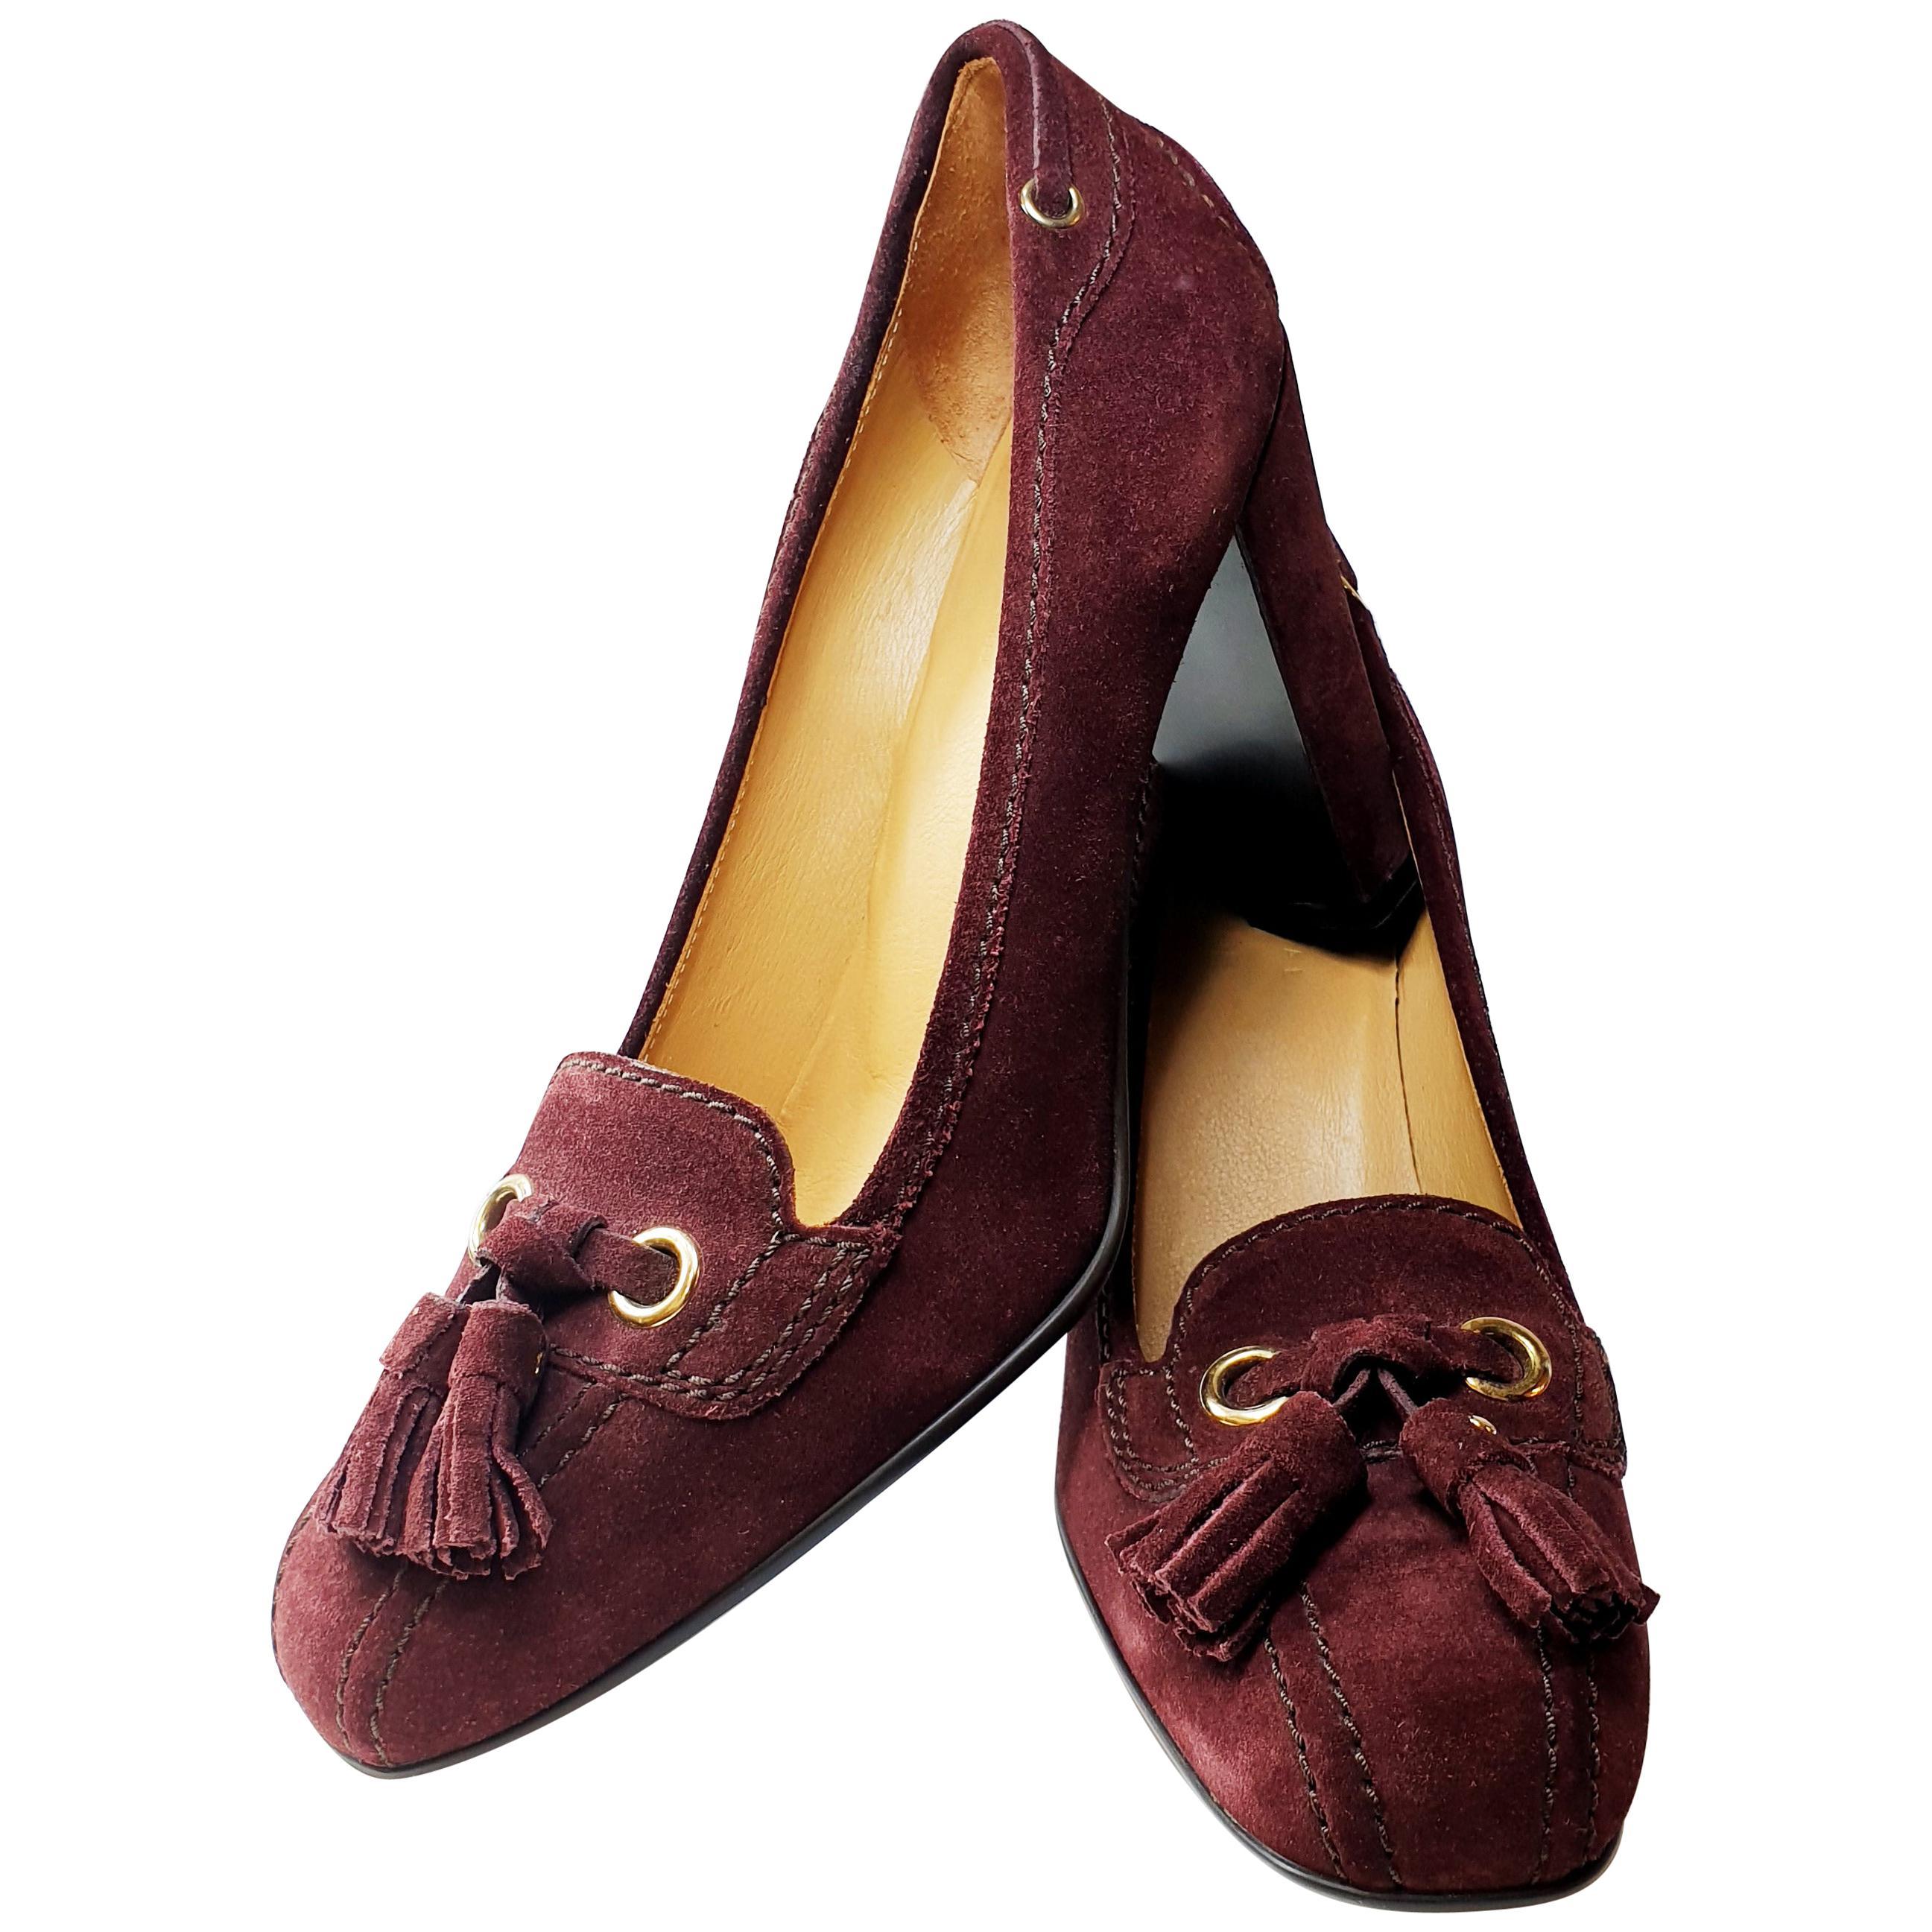 Prada Car Shoe Womens Burgundy Fringe Tie Suede Wedge Heels